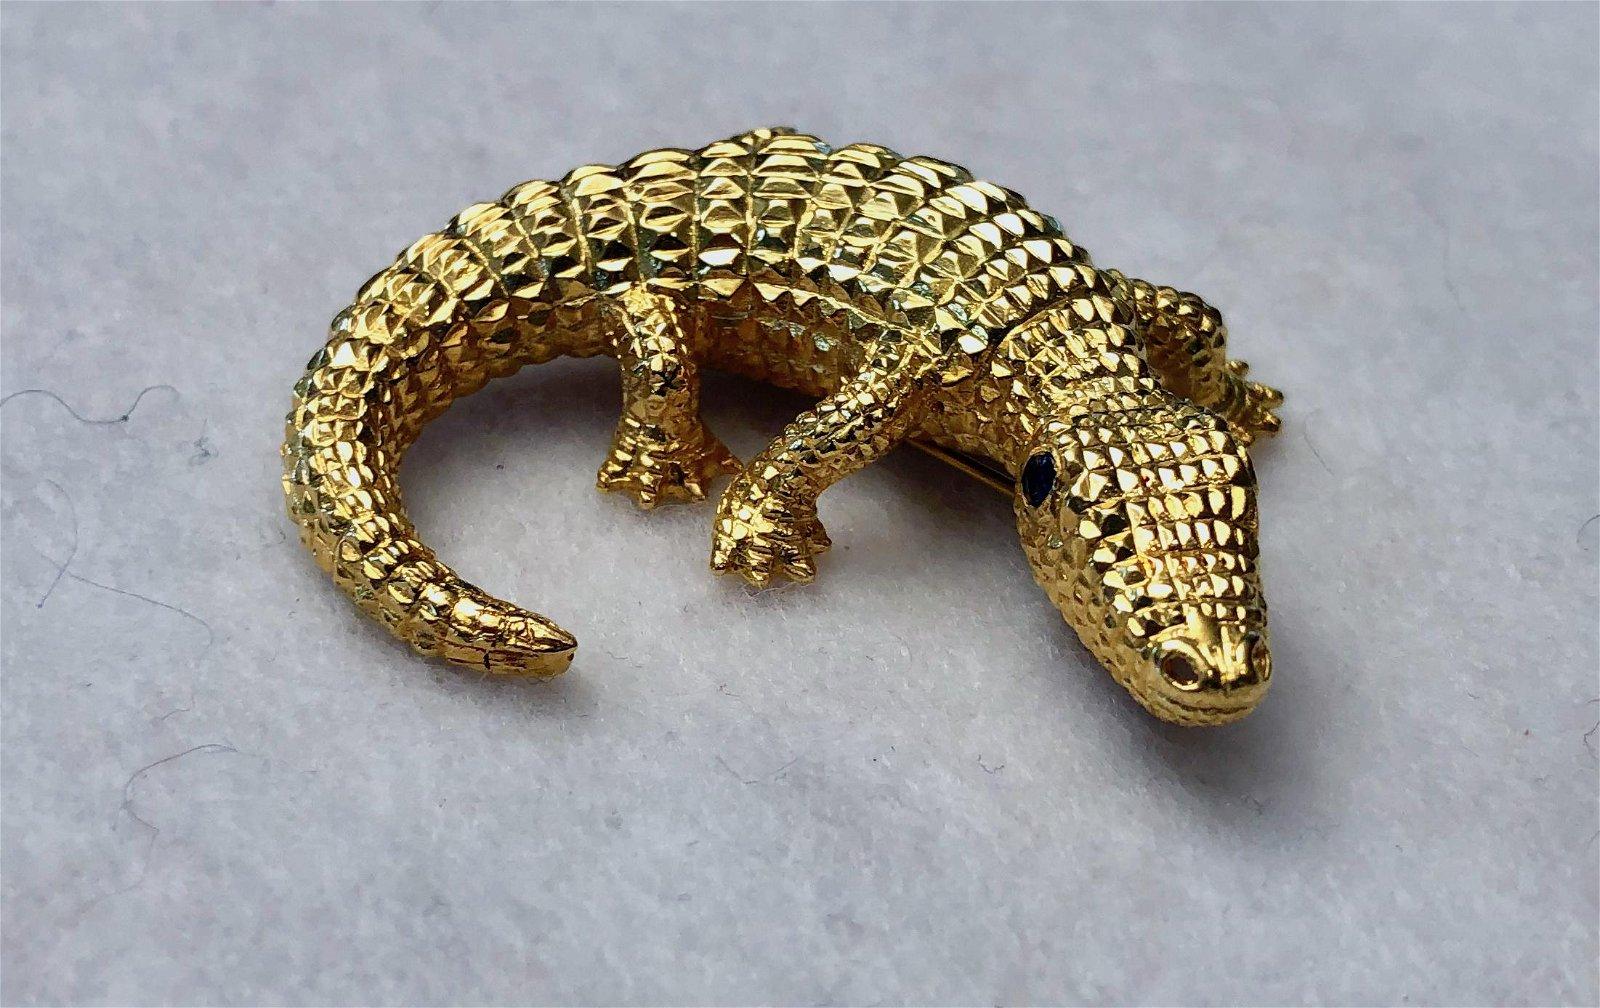 18K Crocodile Alligator Brooch w/ Gem Set Eyes